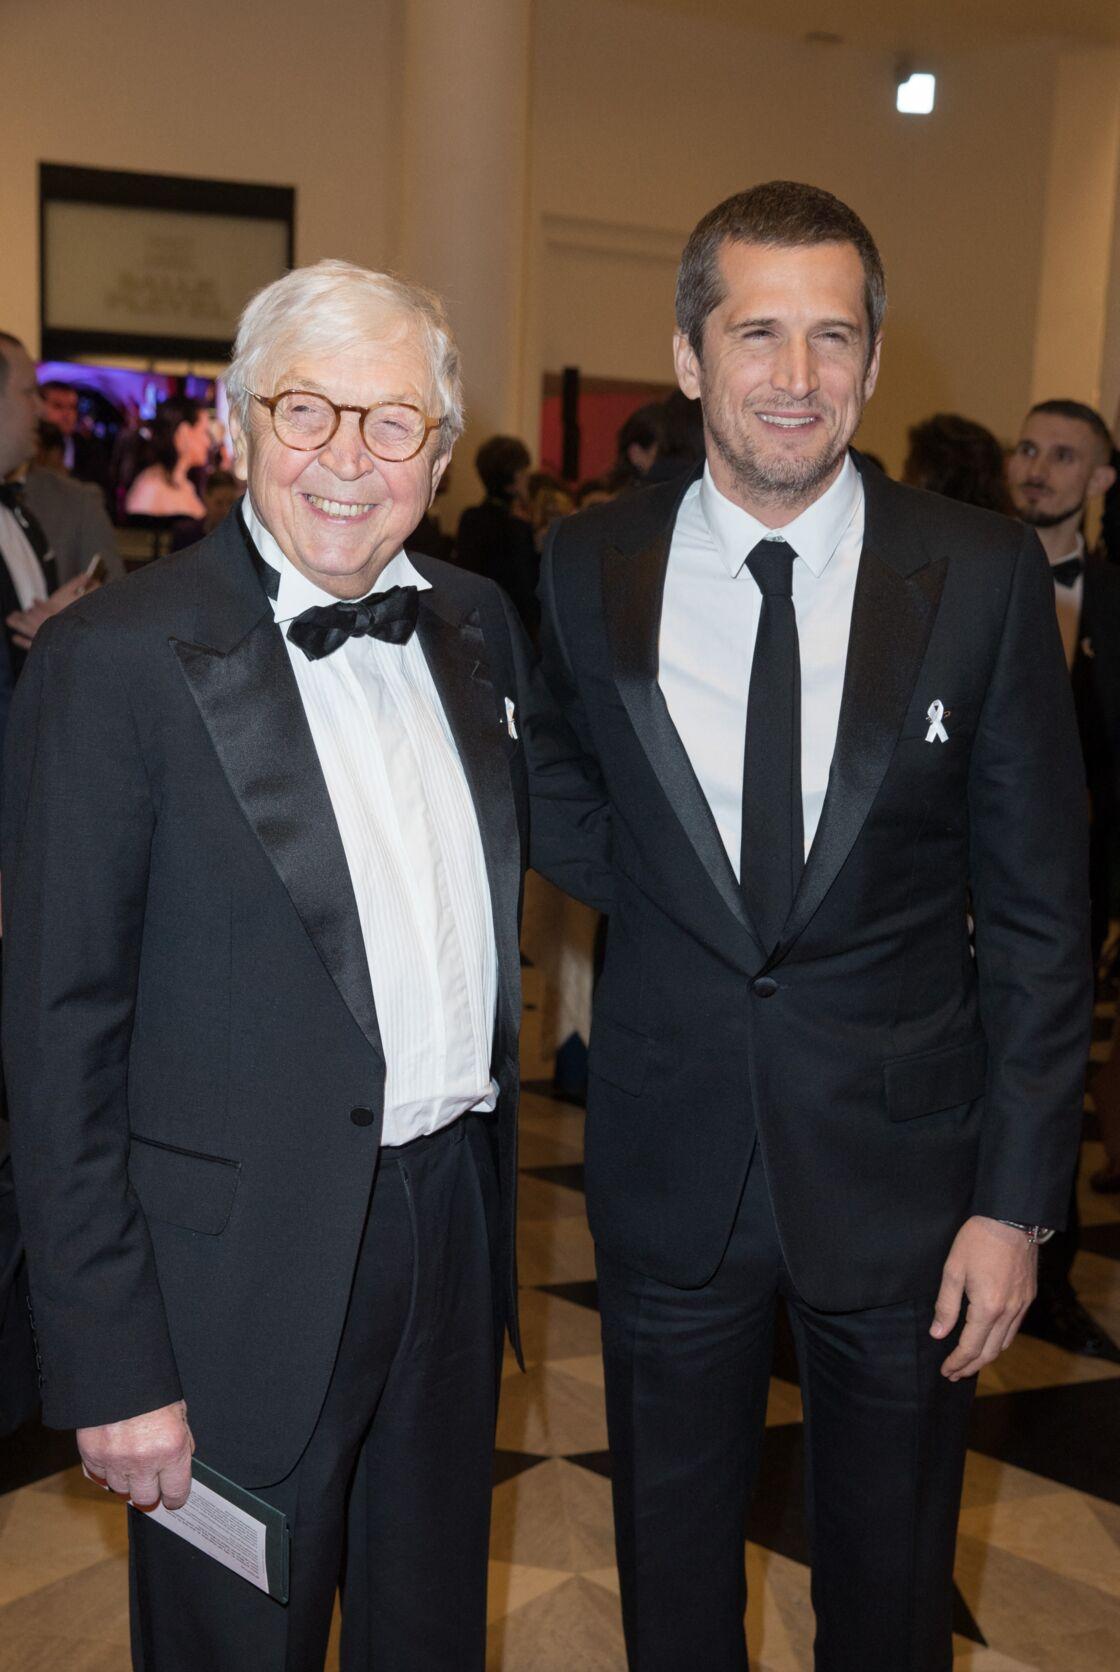 Guillaume Canet et son père Philippe à la 43ème cérémonie des Cesar à la salle Pleyel à Paris, le 2 mars 2018.